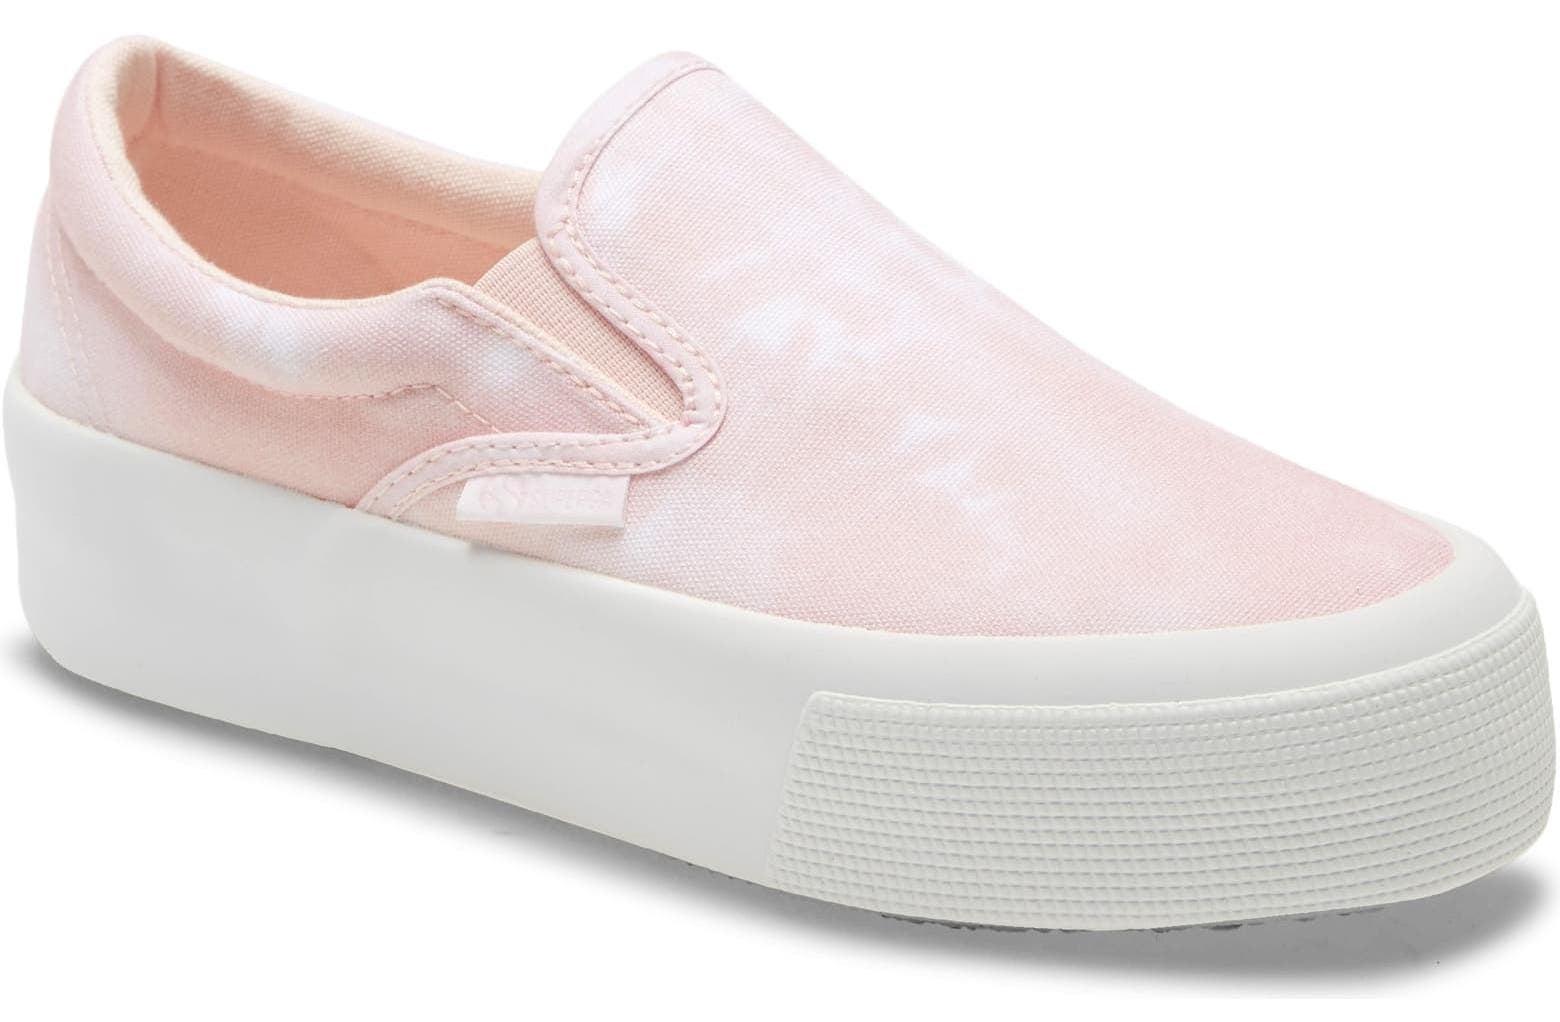 2306 Fancotw Slip-On Platform Sneaker